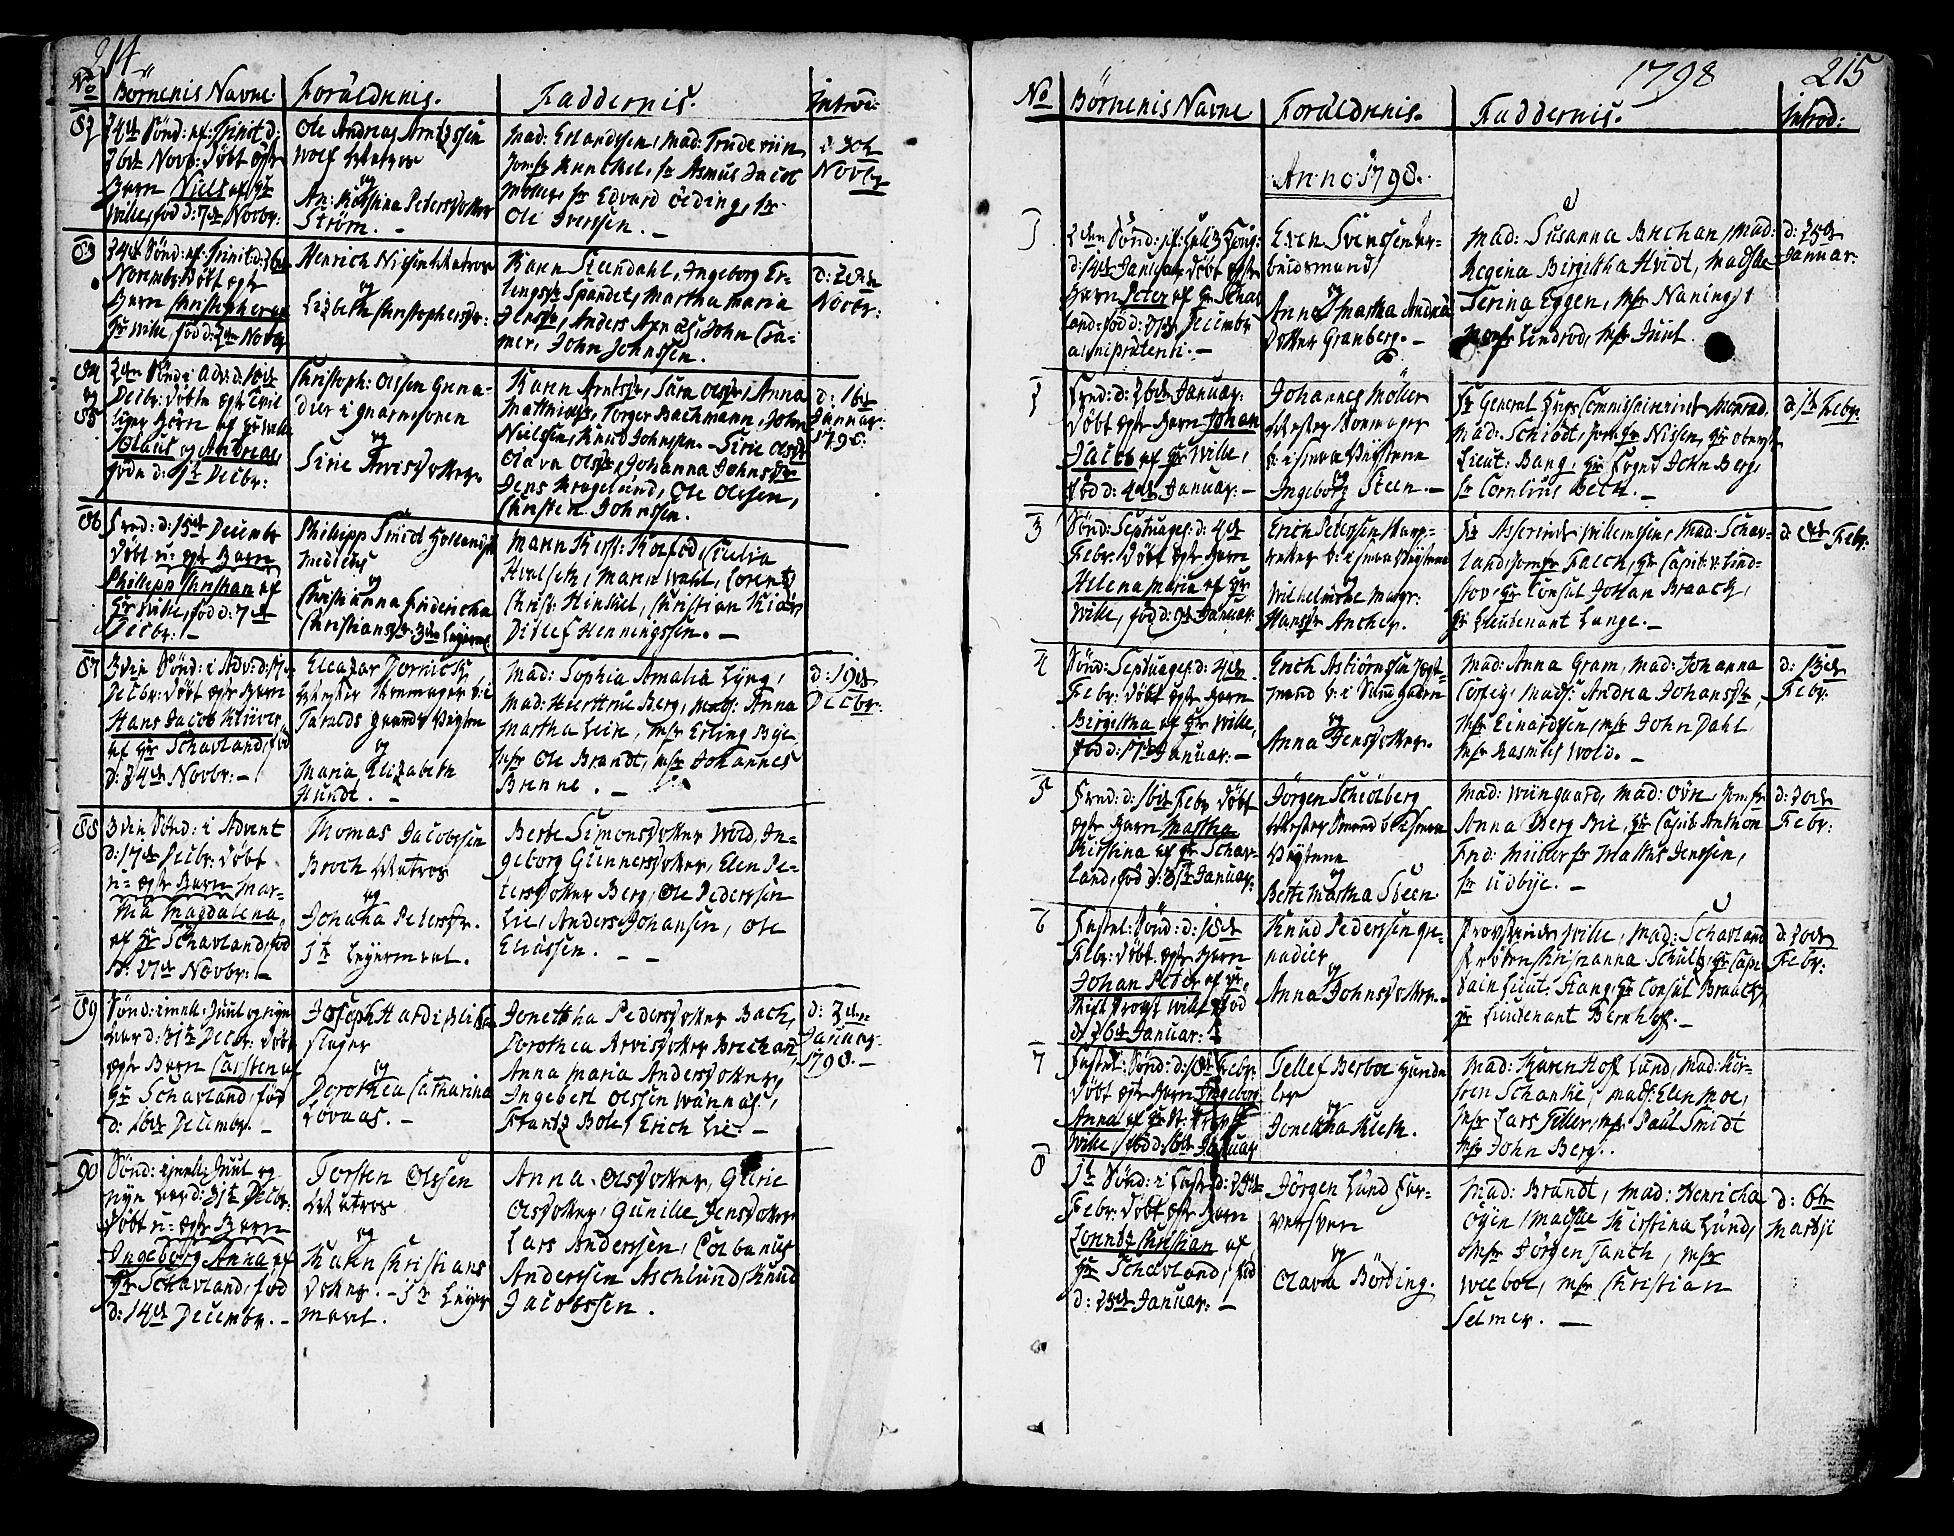 SAT, Ministerialprotokoller, klokkerbøker og fødselsregistre - Sør-Trøndelag, 602/L0104: Ministerialbok nr. 602A02, 1774-1814, s. 214-215